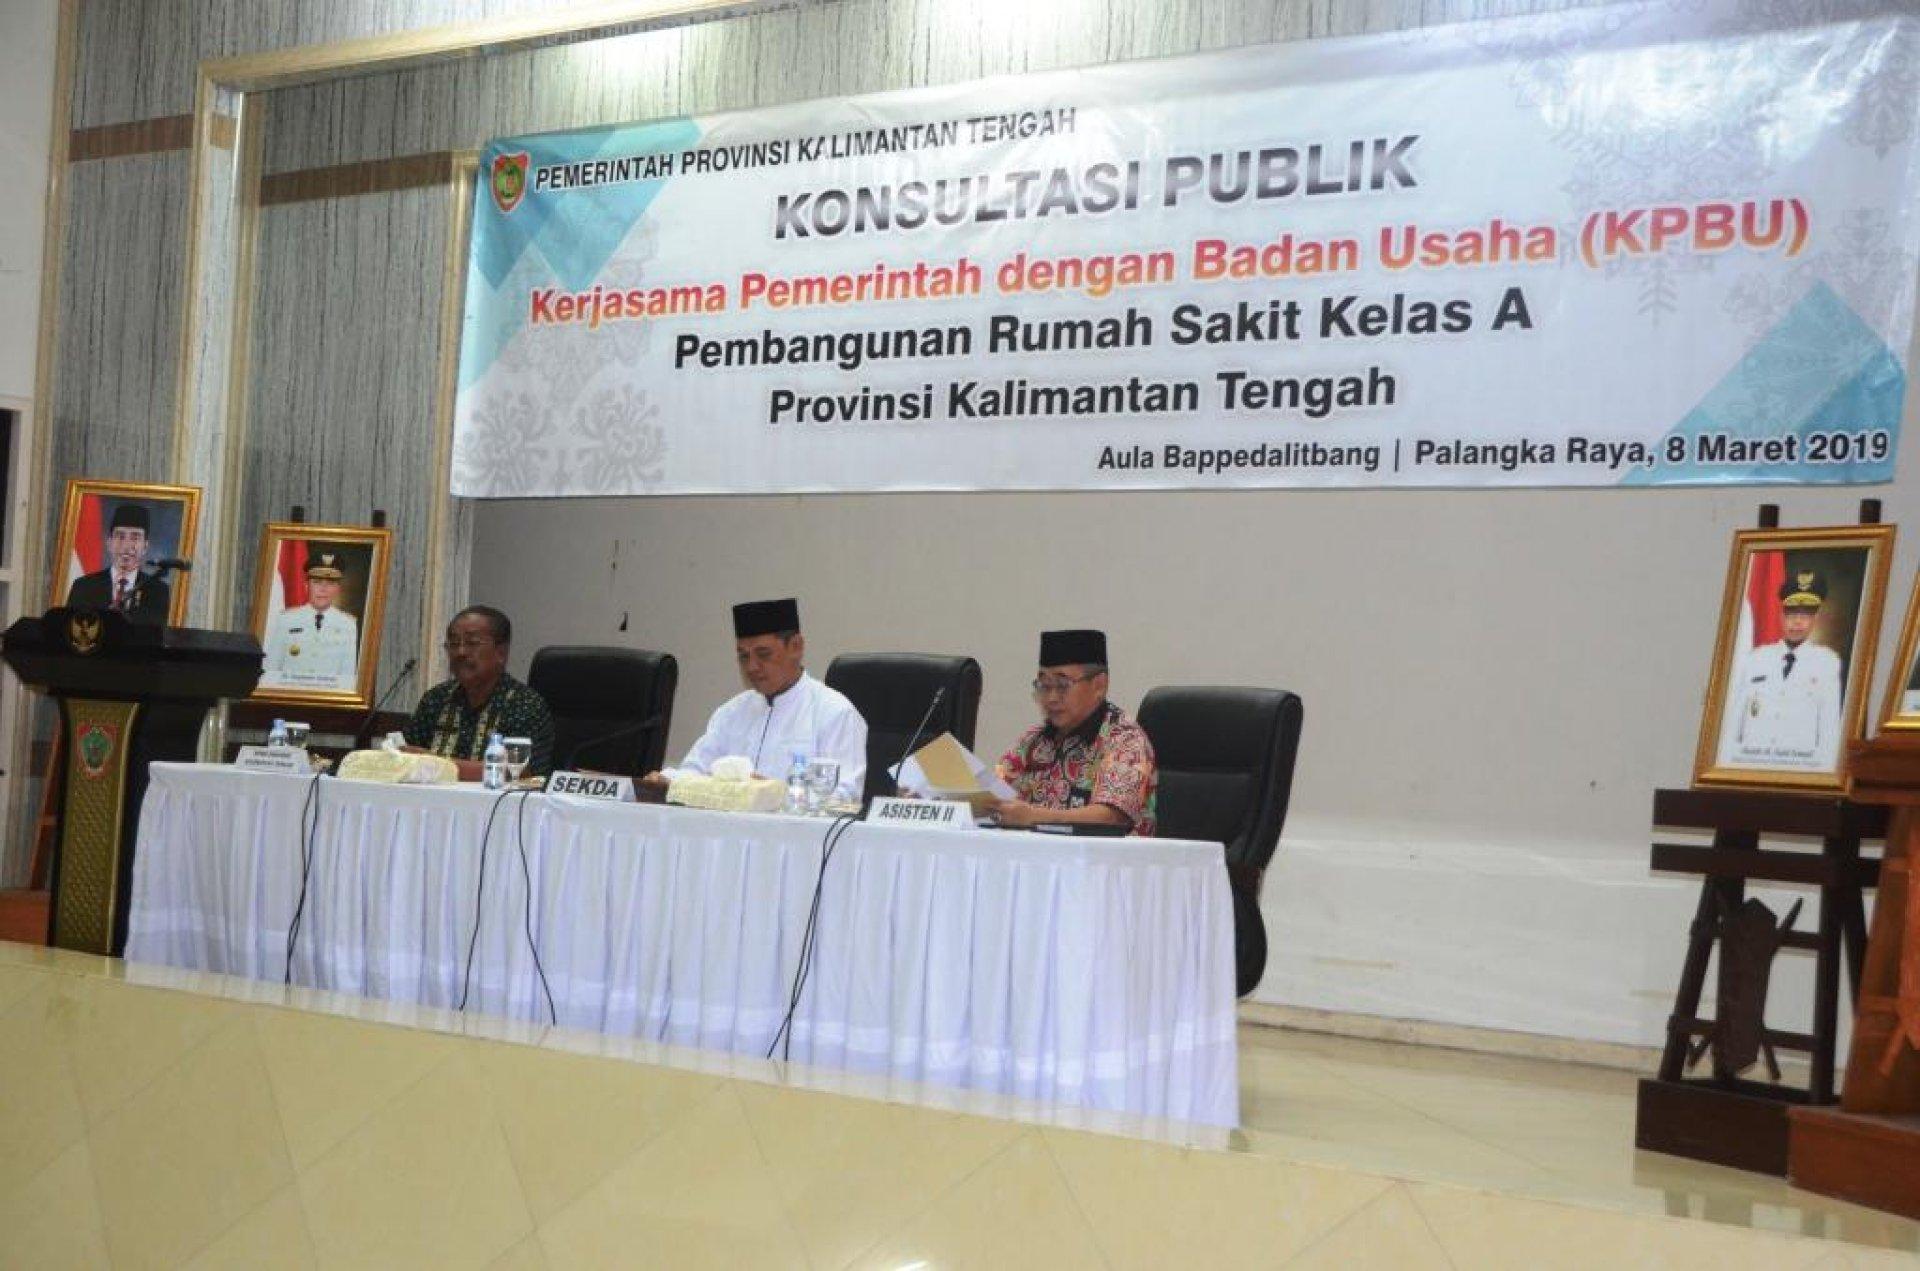 Pemprov Kalteng Bangun Rumah Sakit Kelas A Dengan Skema KPBU